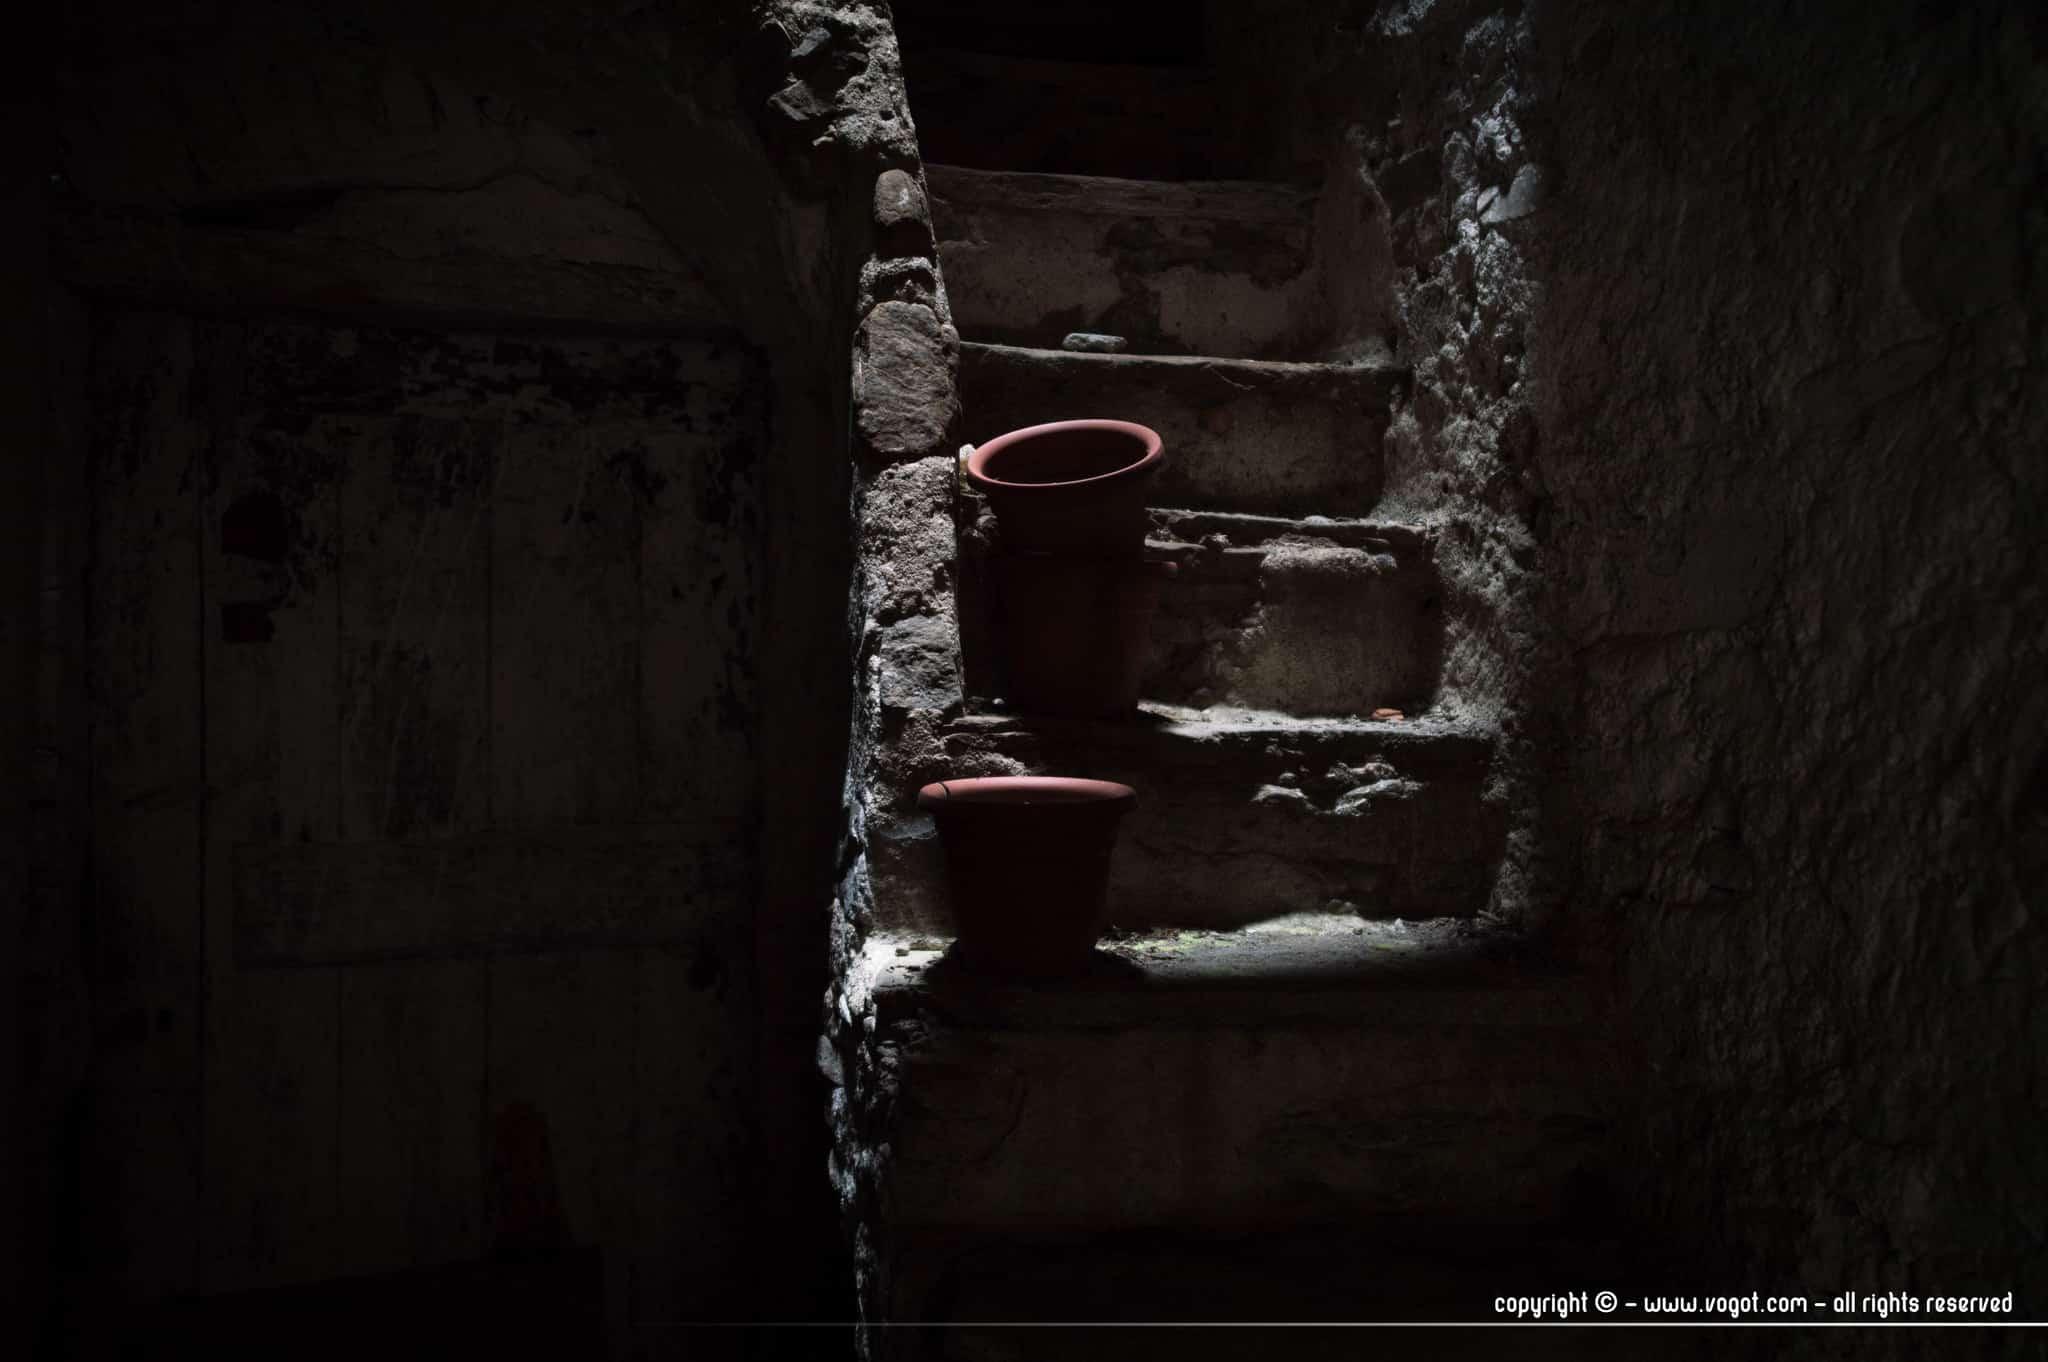 Des pots en terre cuite sur un vieil escalier reçoivent un peu de lumière - Dolceacqua